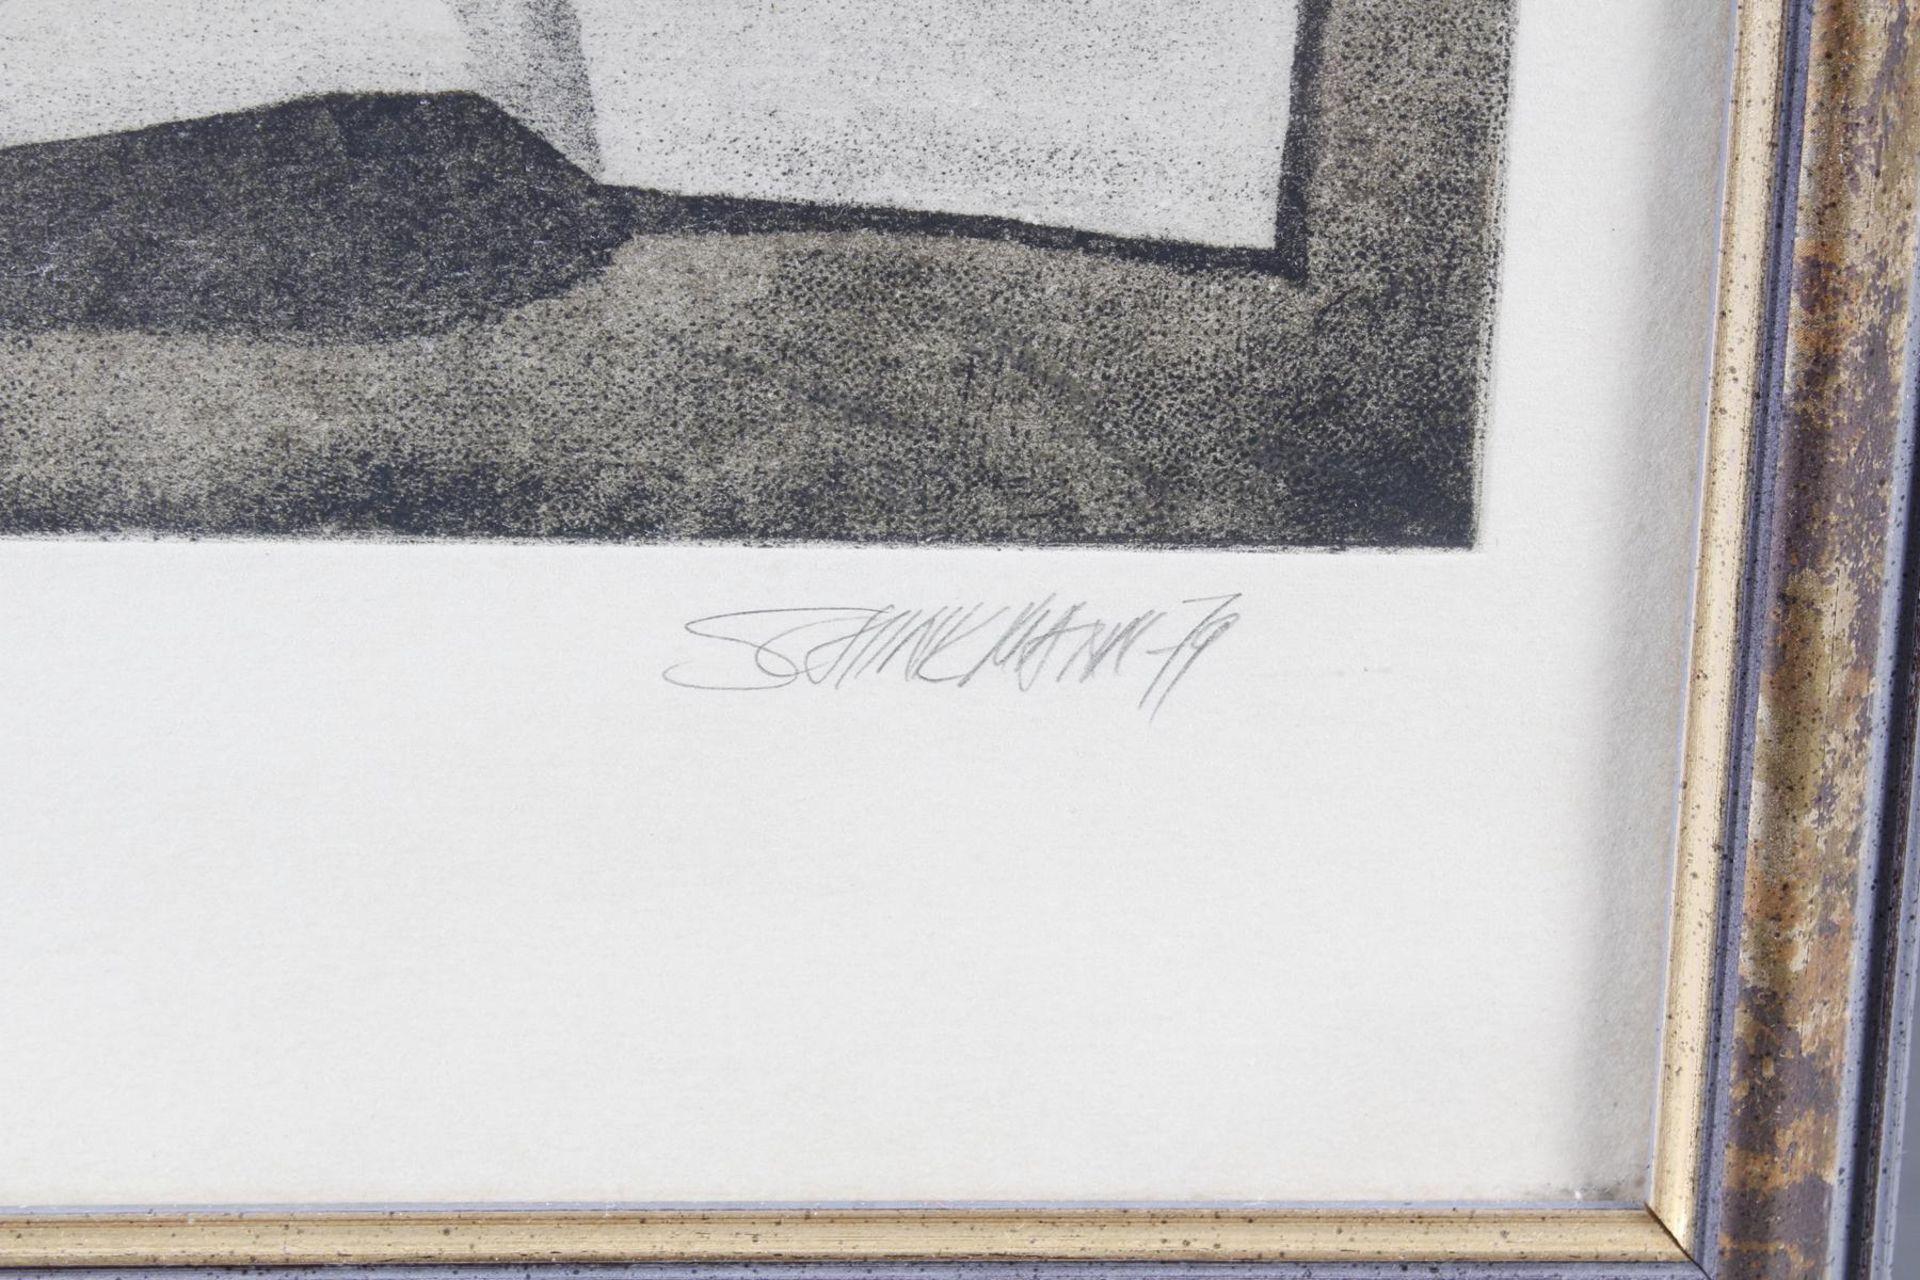 Radierung, Großes-Atelier-Stilleben, Schinkmann 1979 - Bild 4 aus 5